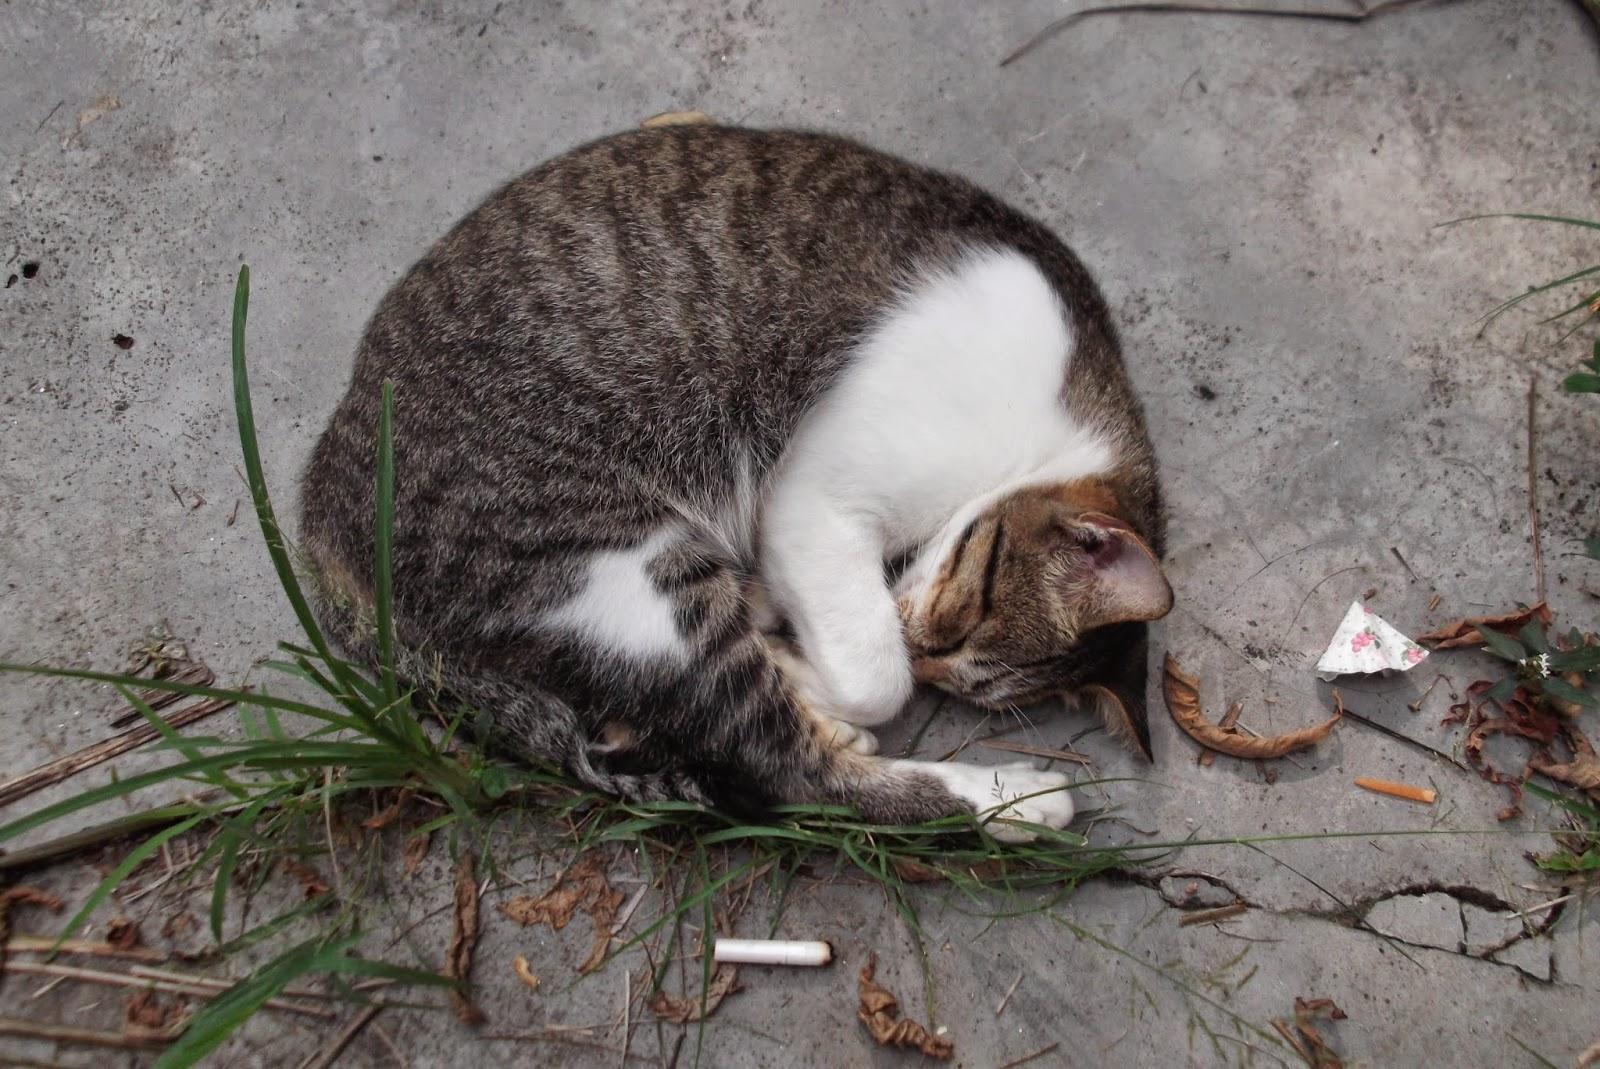 kucing sedang tidur